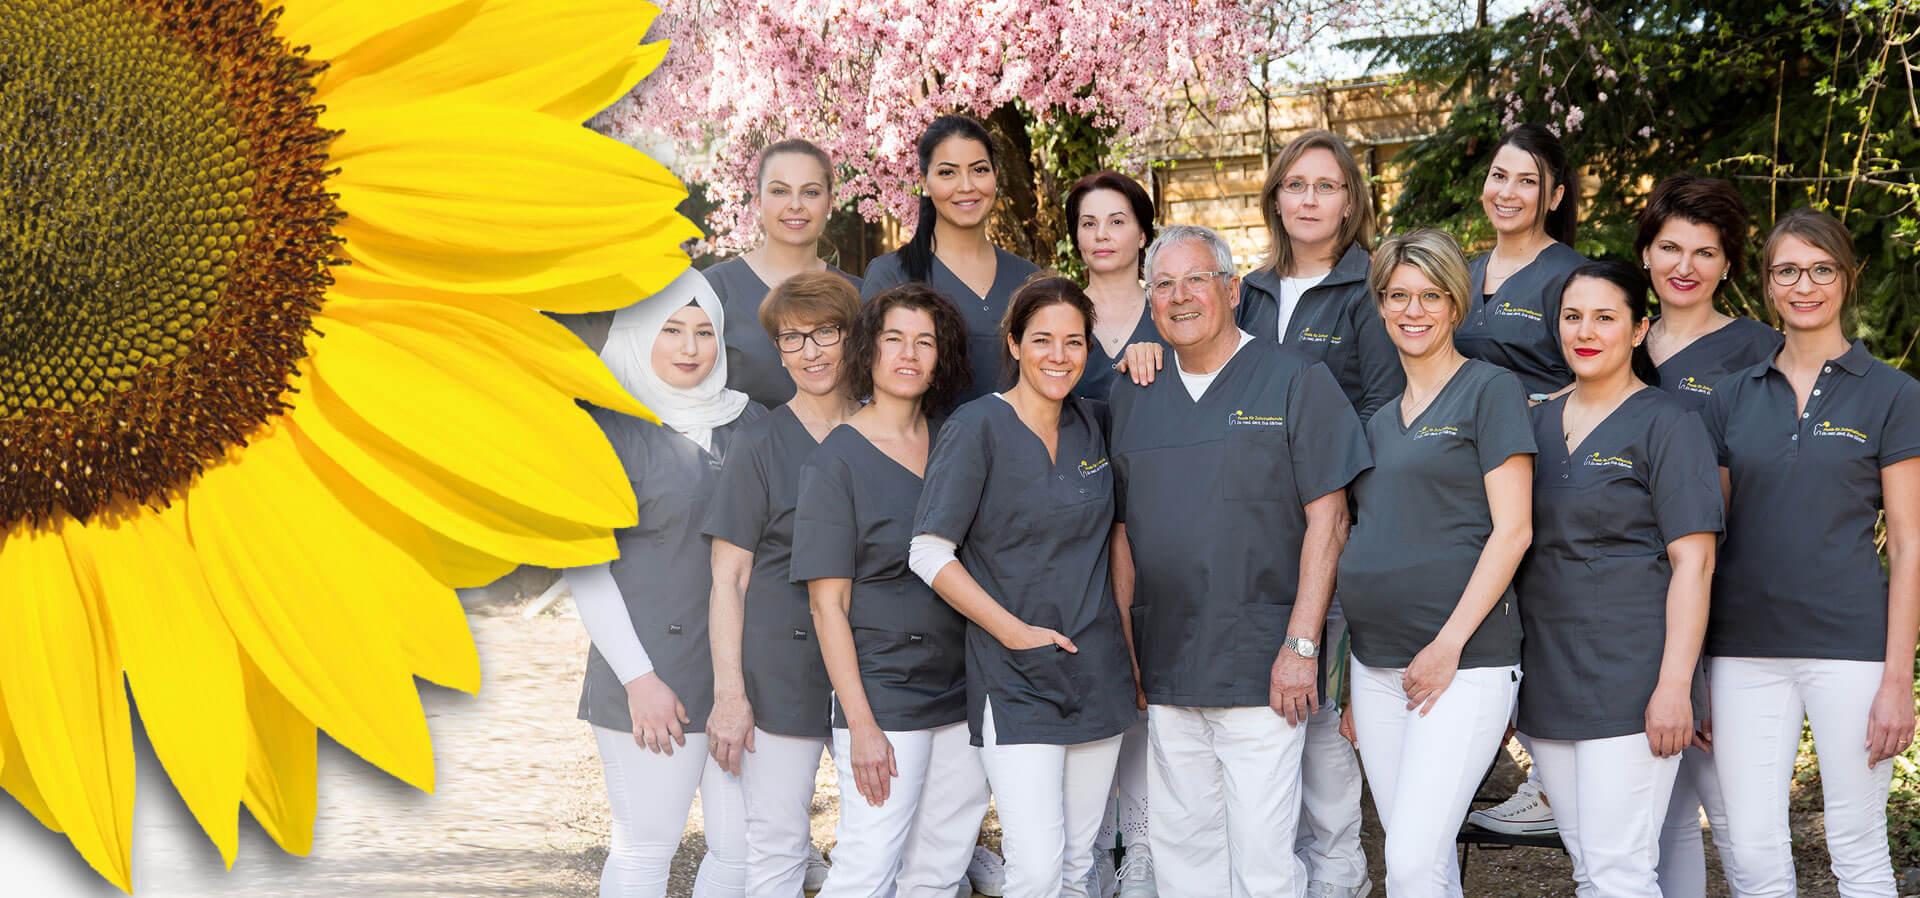 Das Team bei der Praxis für Zahnheilkunde Dr. med. dent. Eva Gärtner